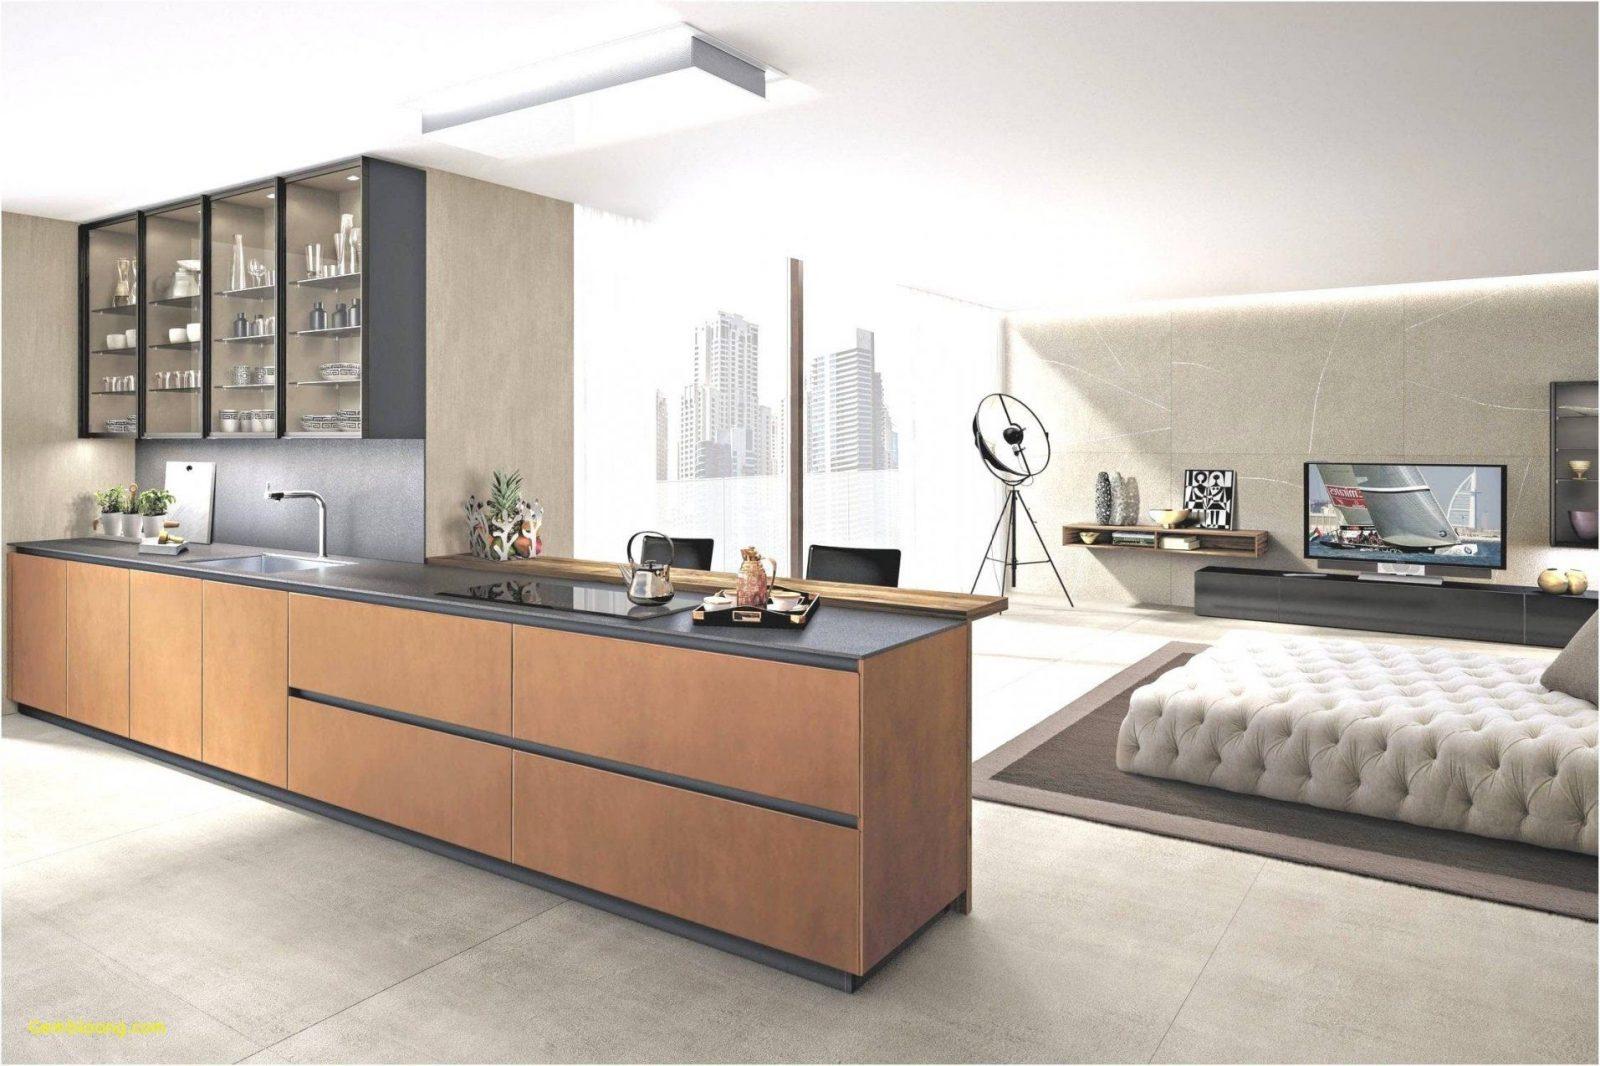 Kuche Modern Kleiner Raum Raum Offen Fur Ideen Vorhange Kleinen